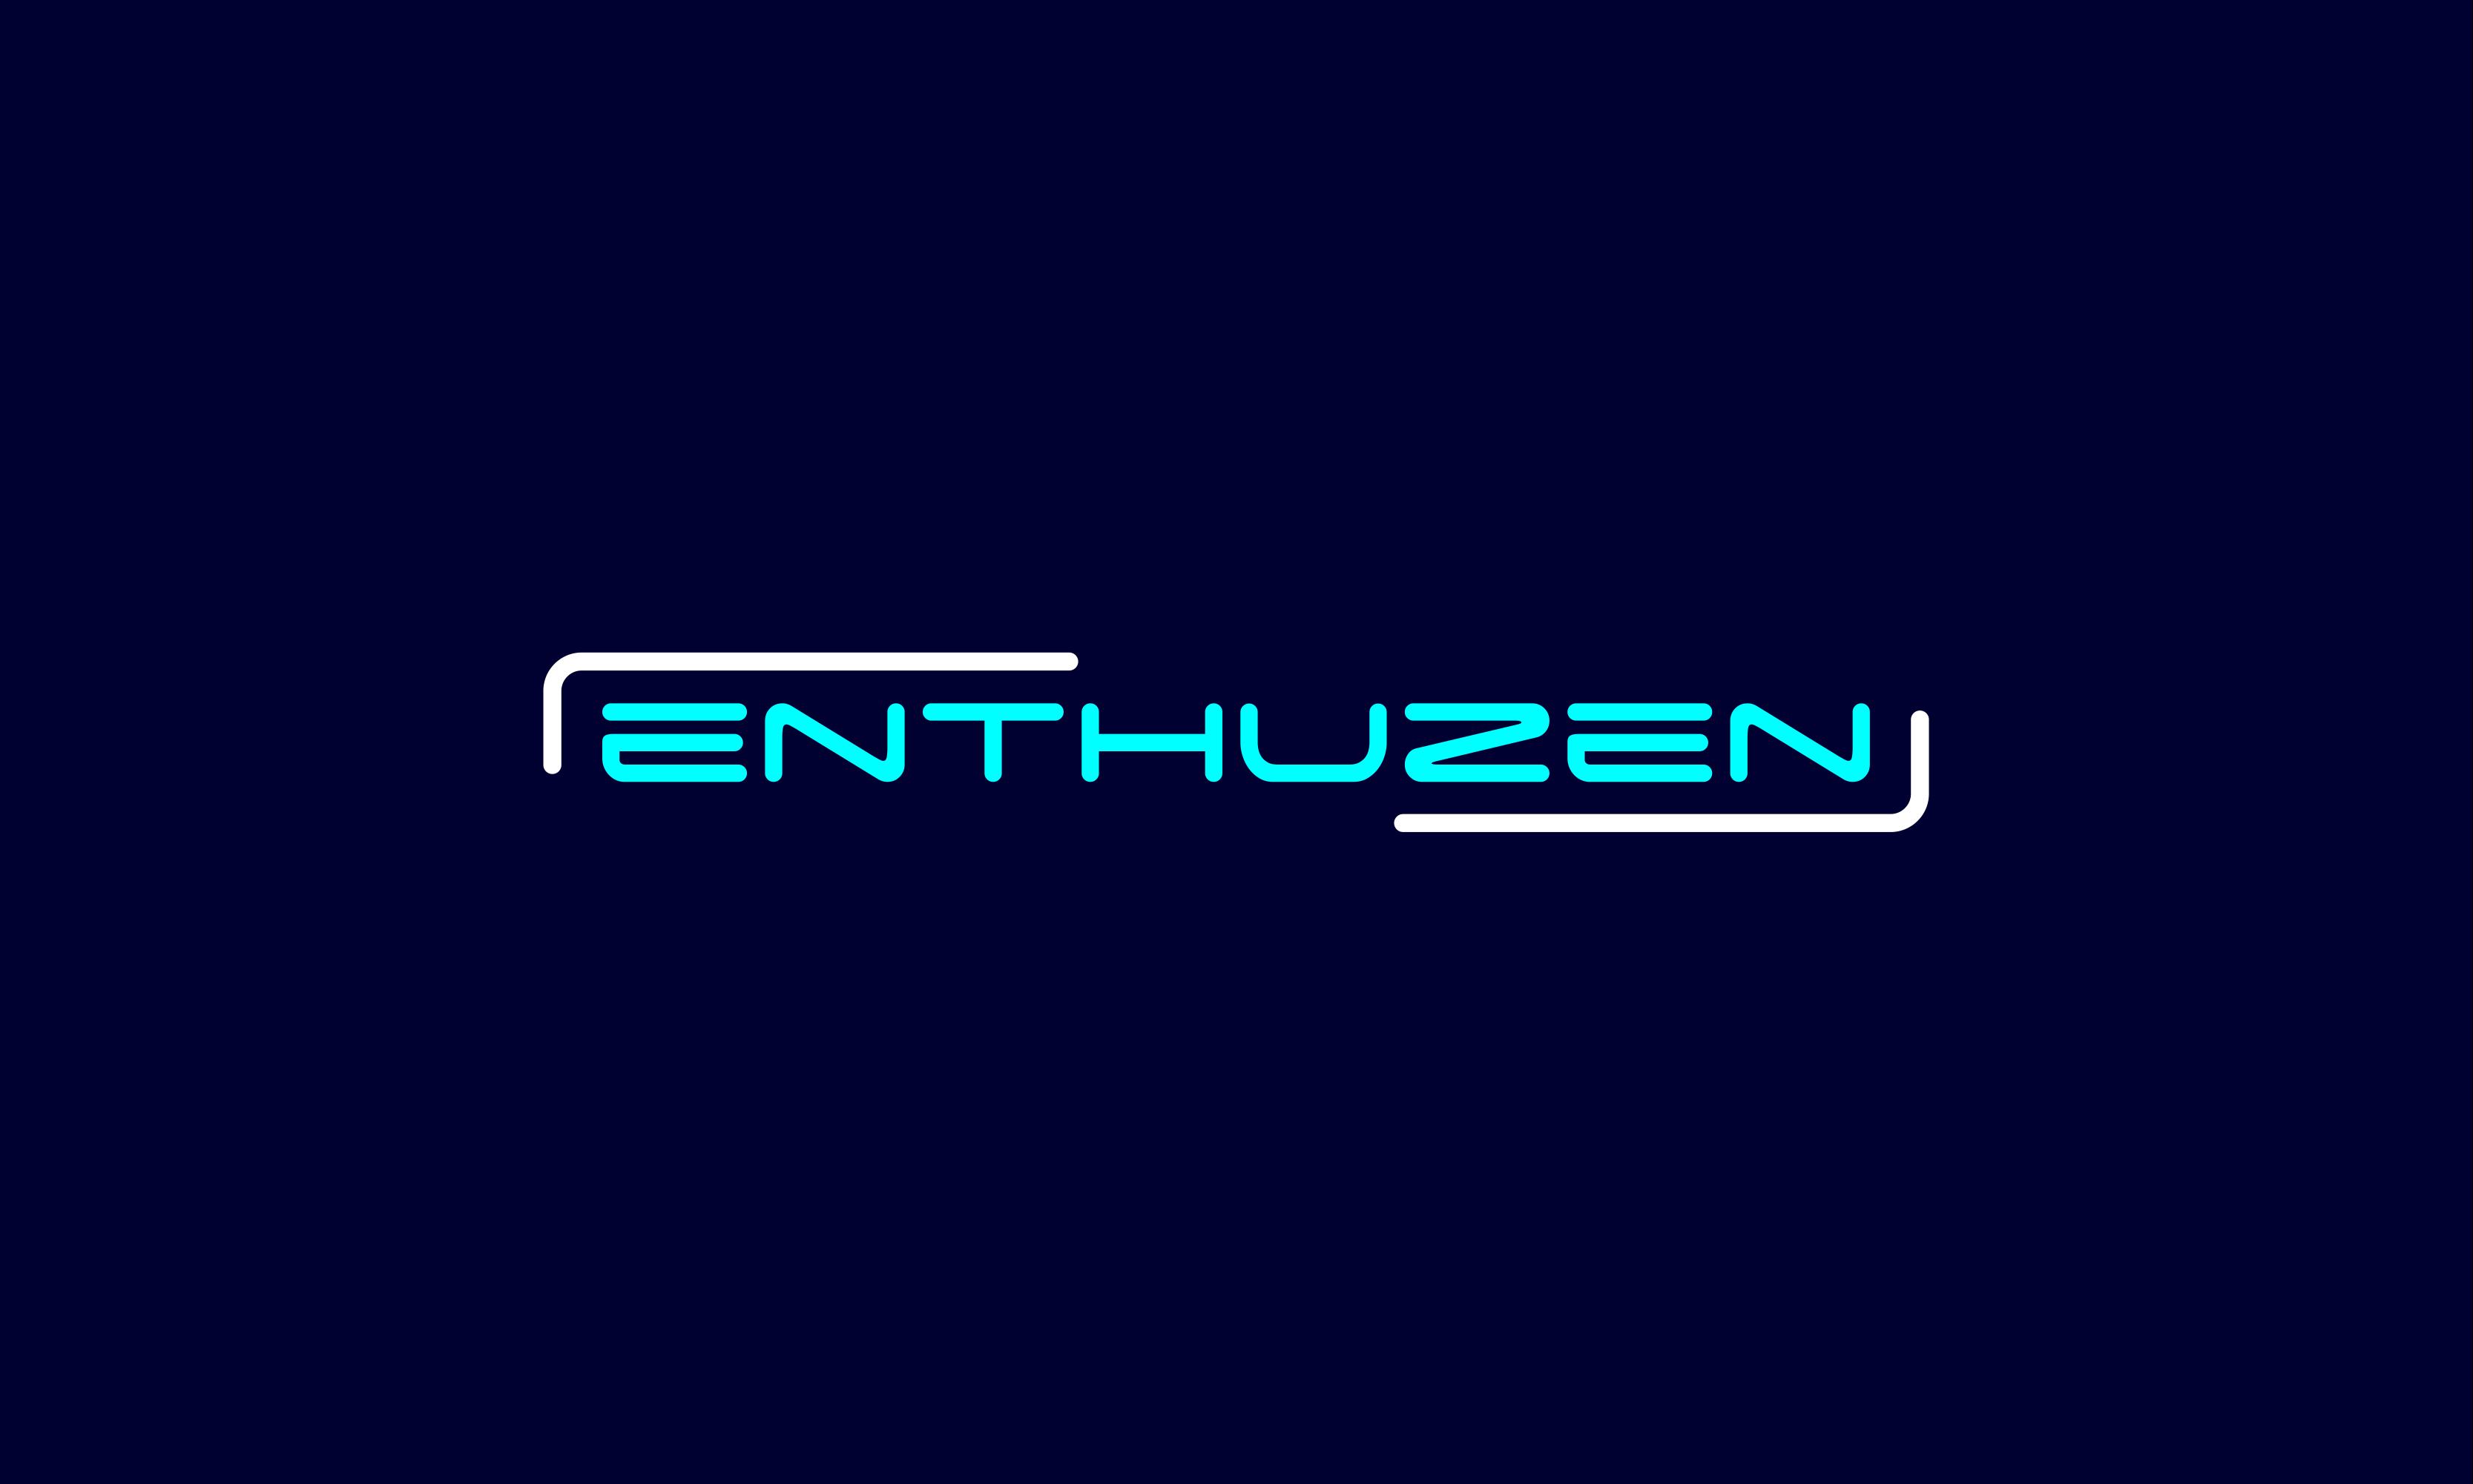 Enthuzen